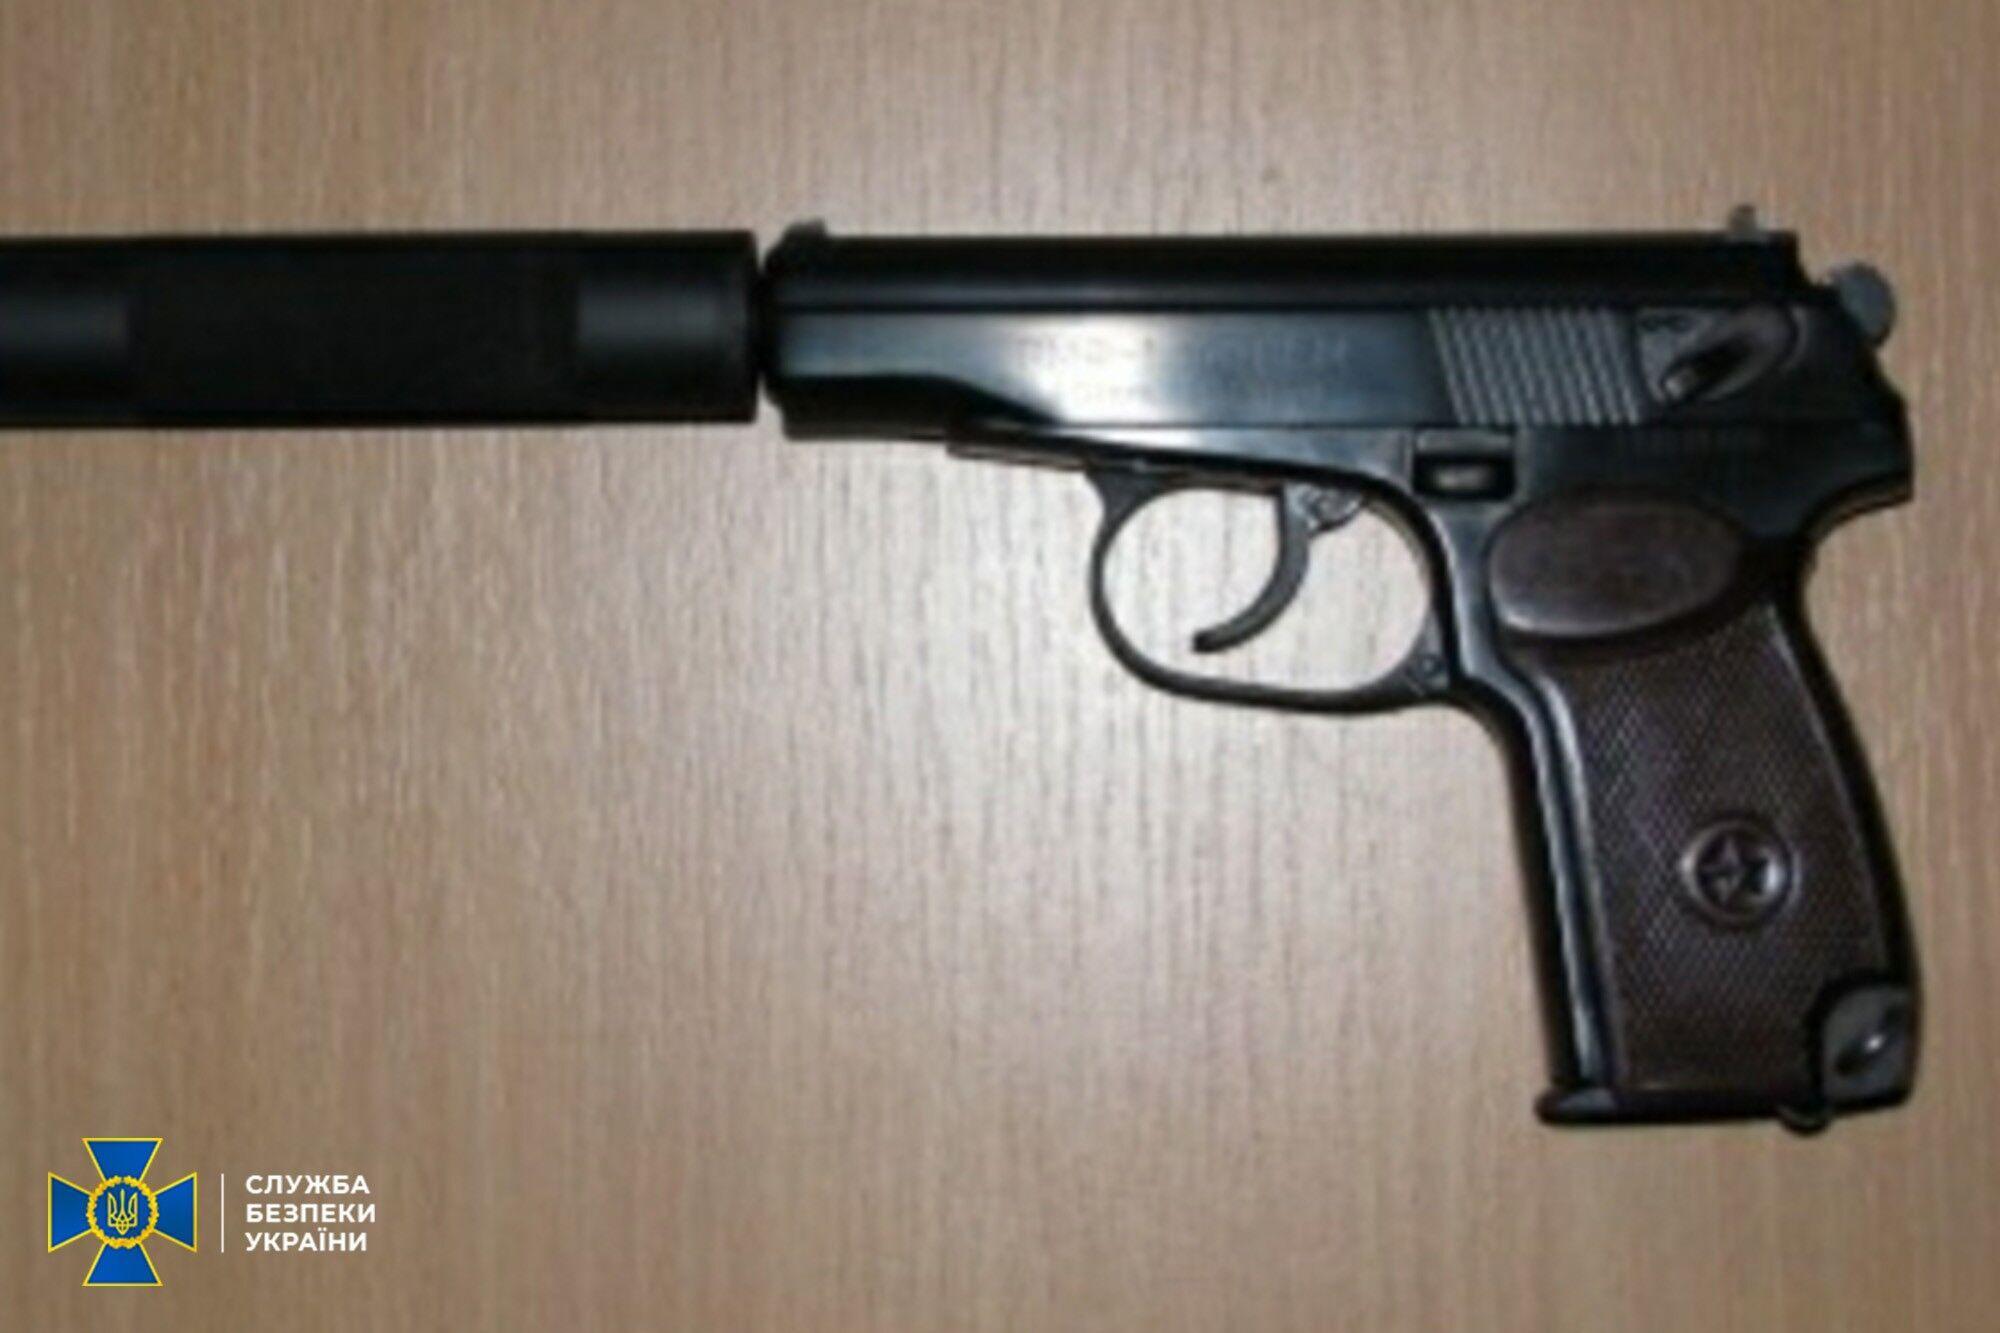 Підозрюваний приховано переправив з Росії пістолет з глушником